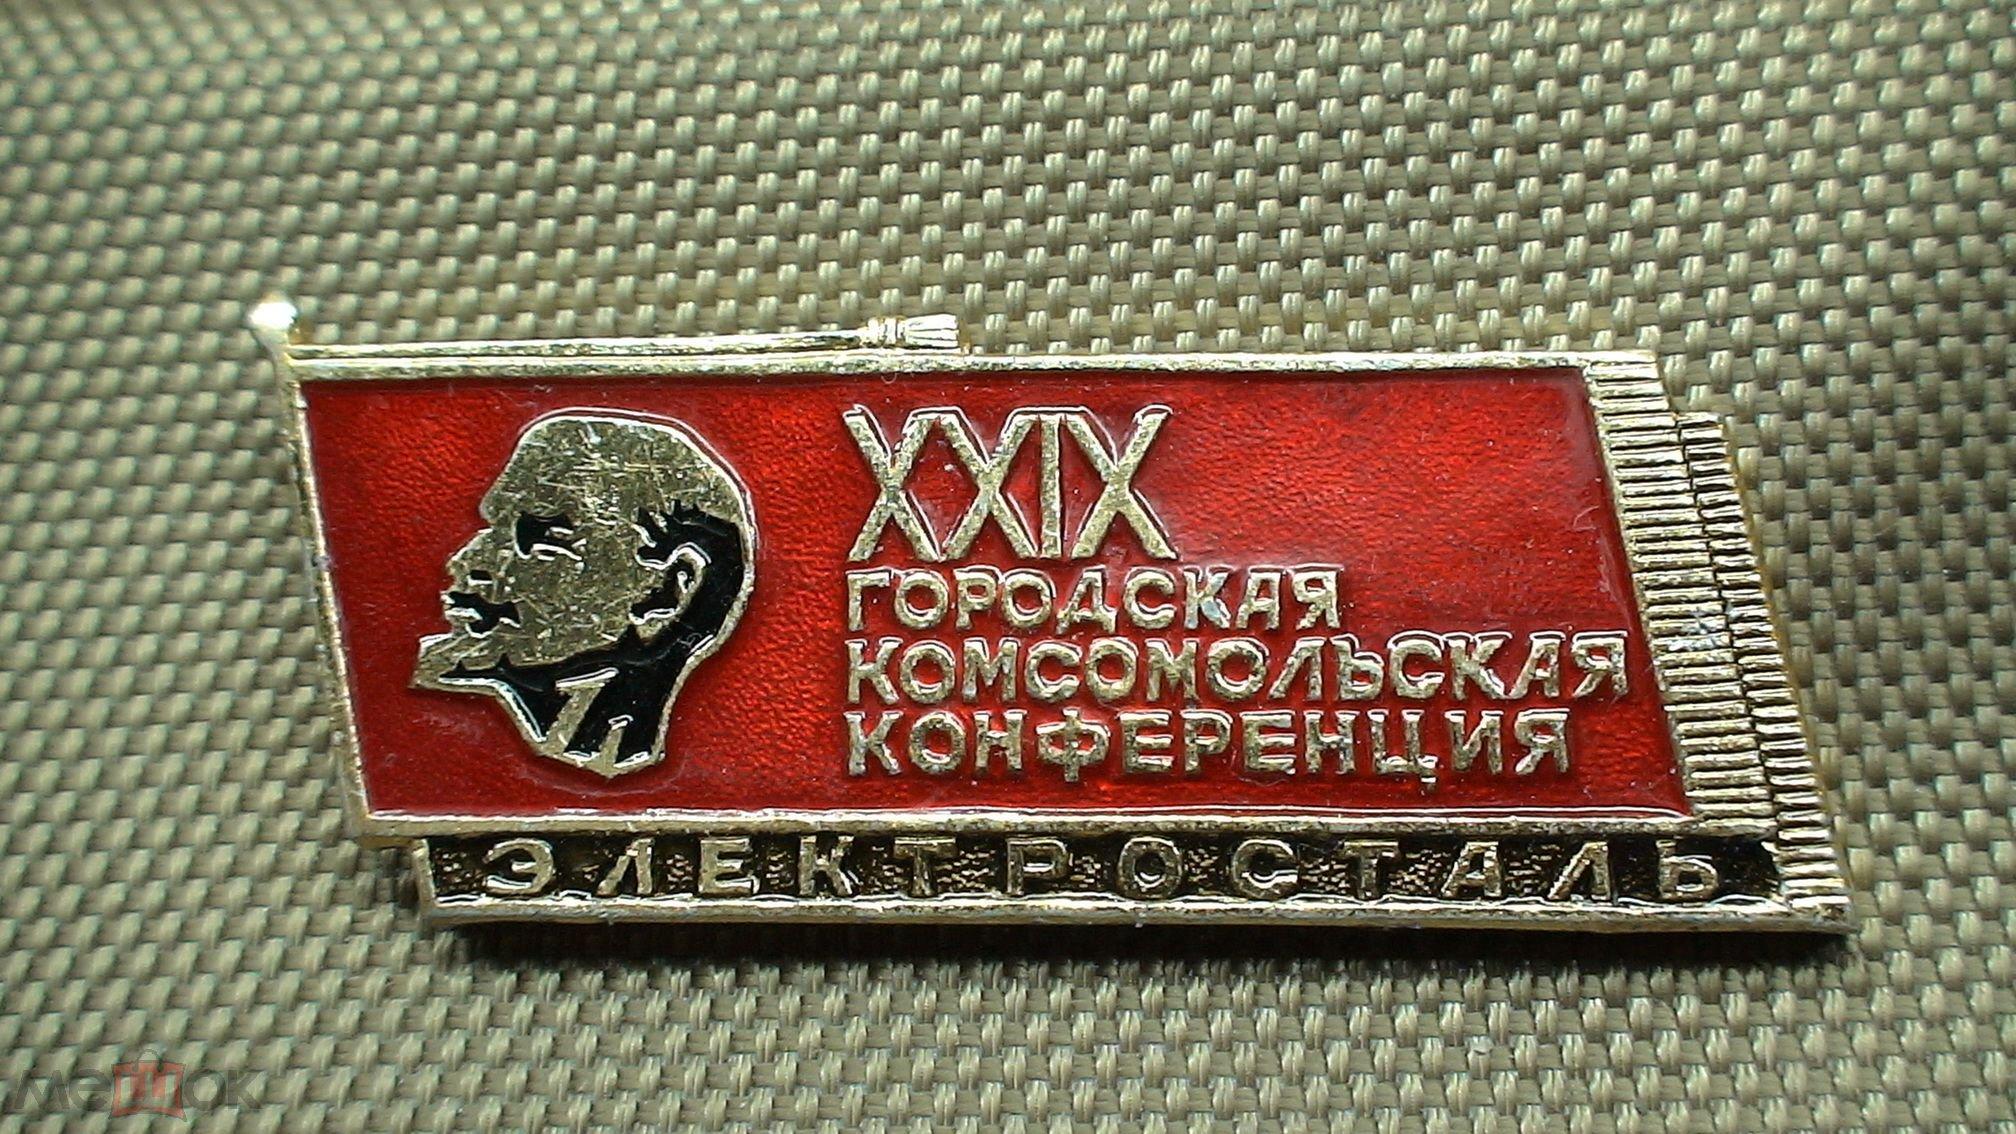 ВЛКСМ 29 городская комсомольская конференция Электросталь Значок в коллекцию С 1 Рубля